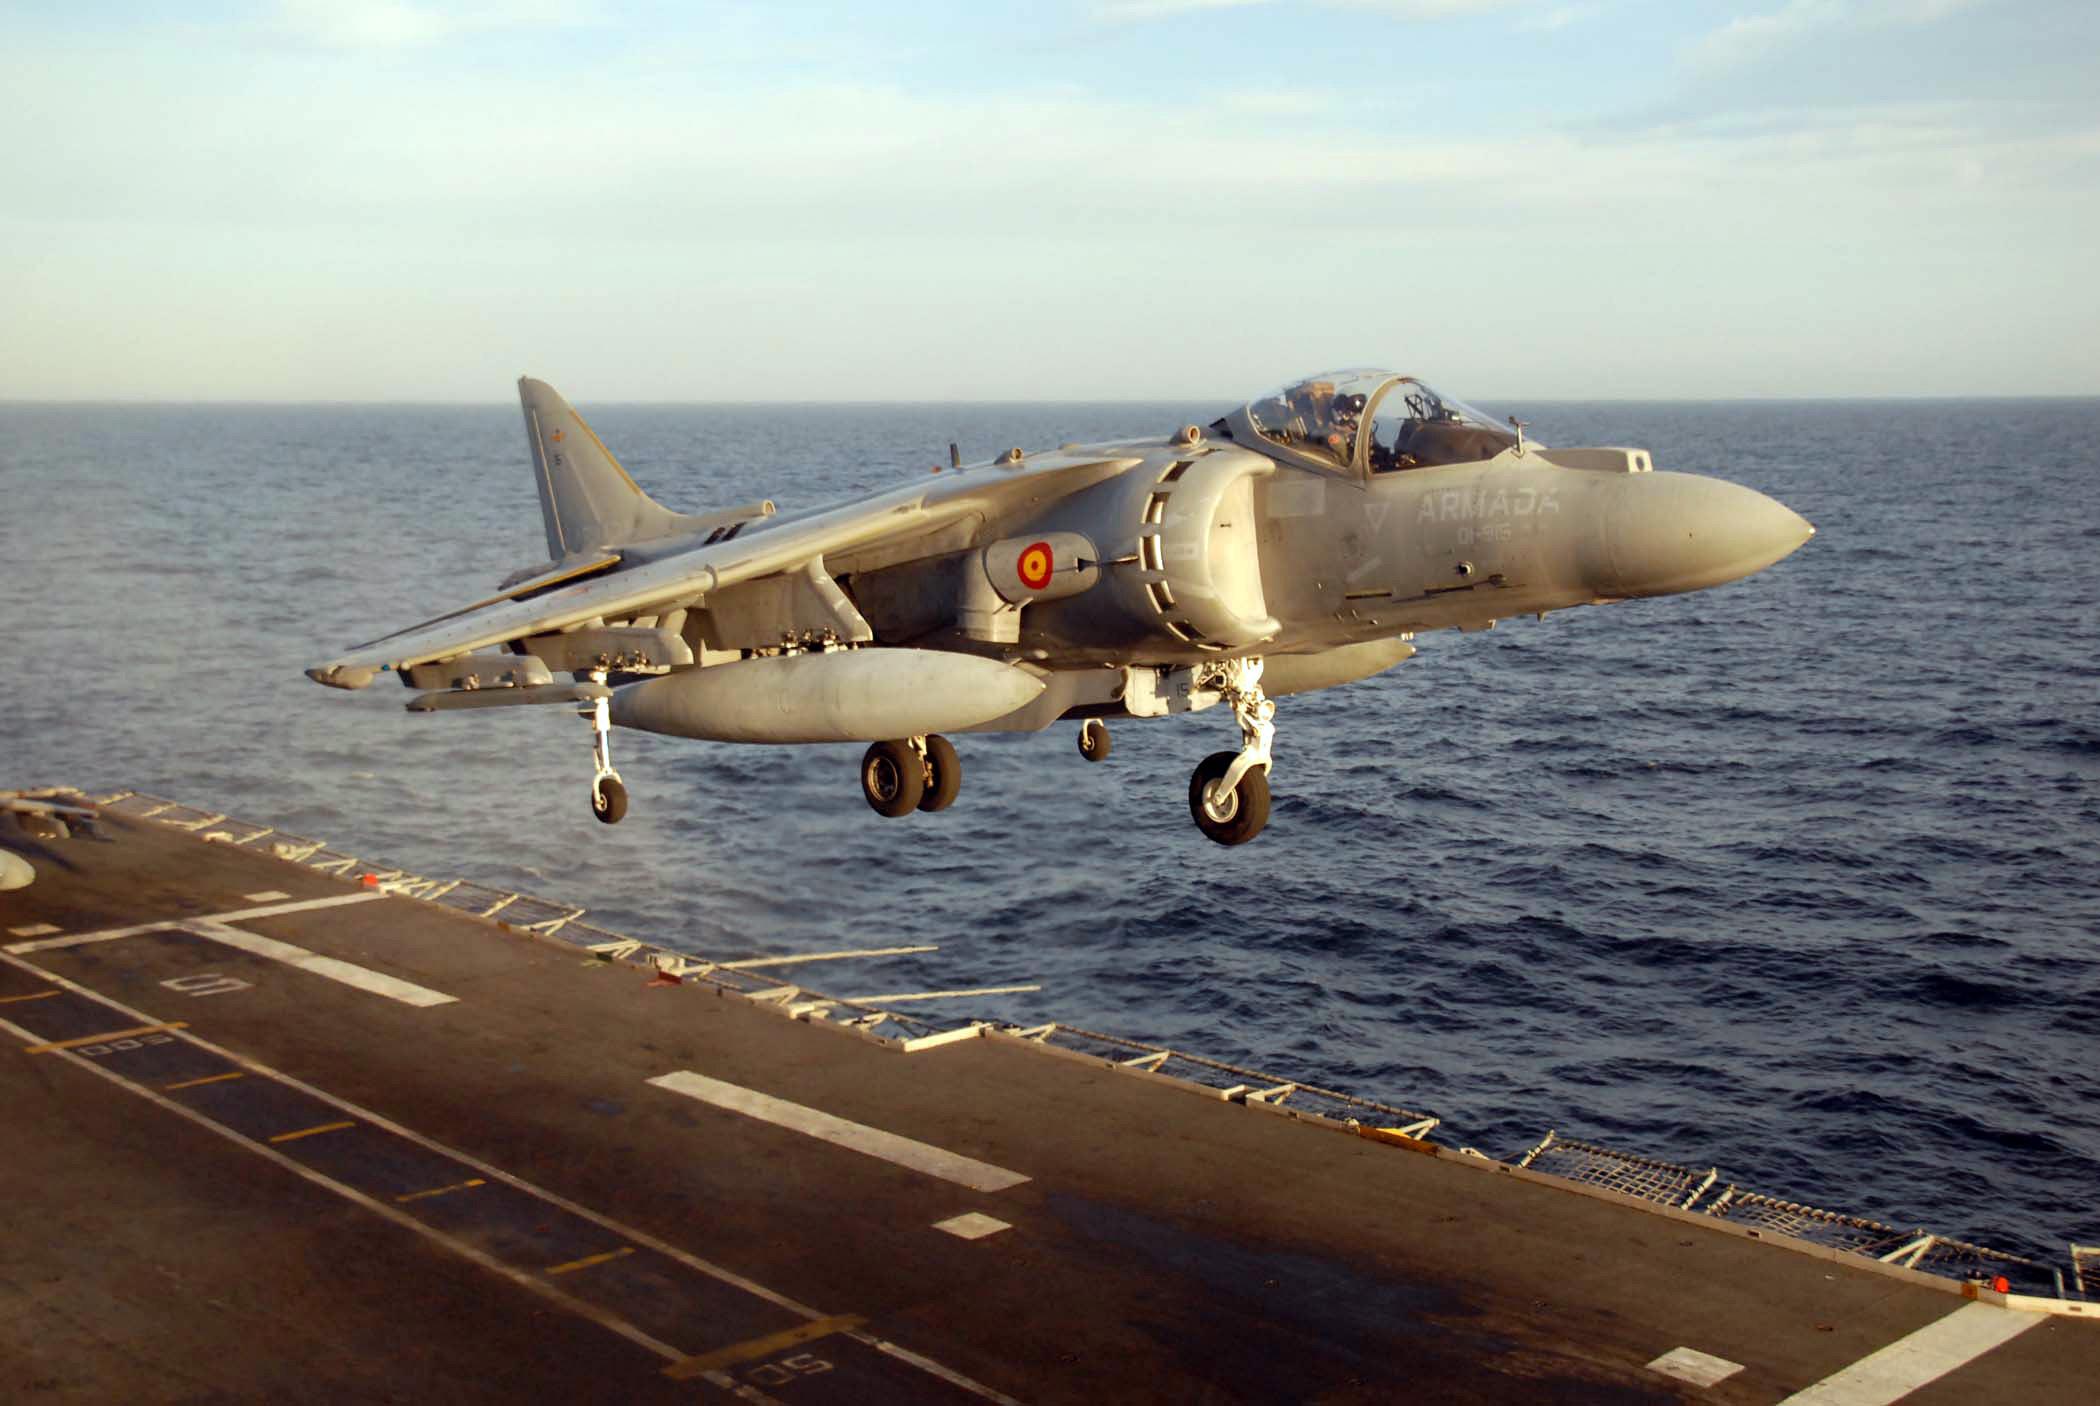 AV-8B_Harrier_landing_aboard_Principe_de